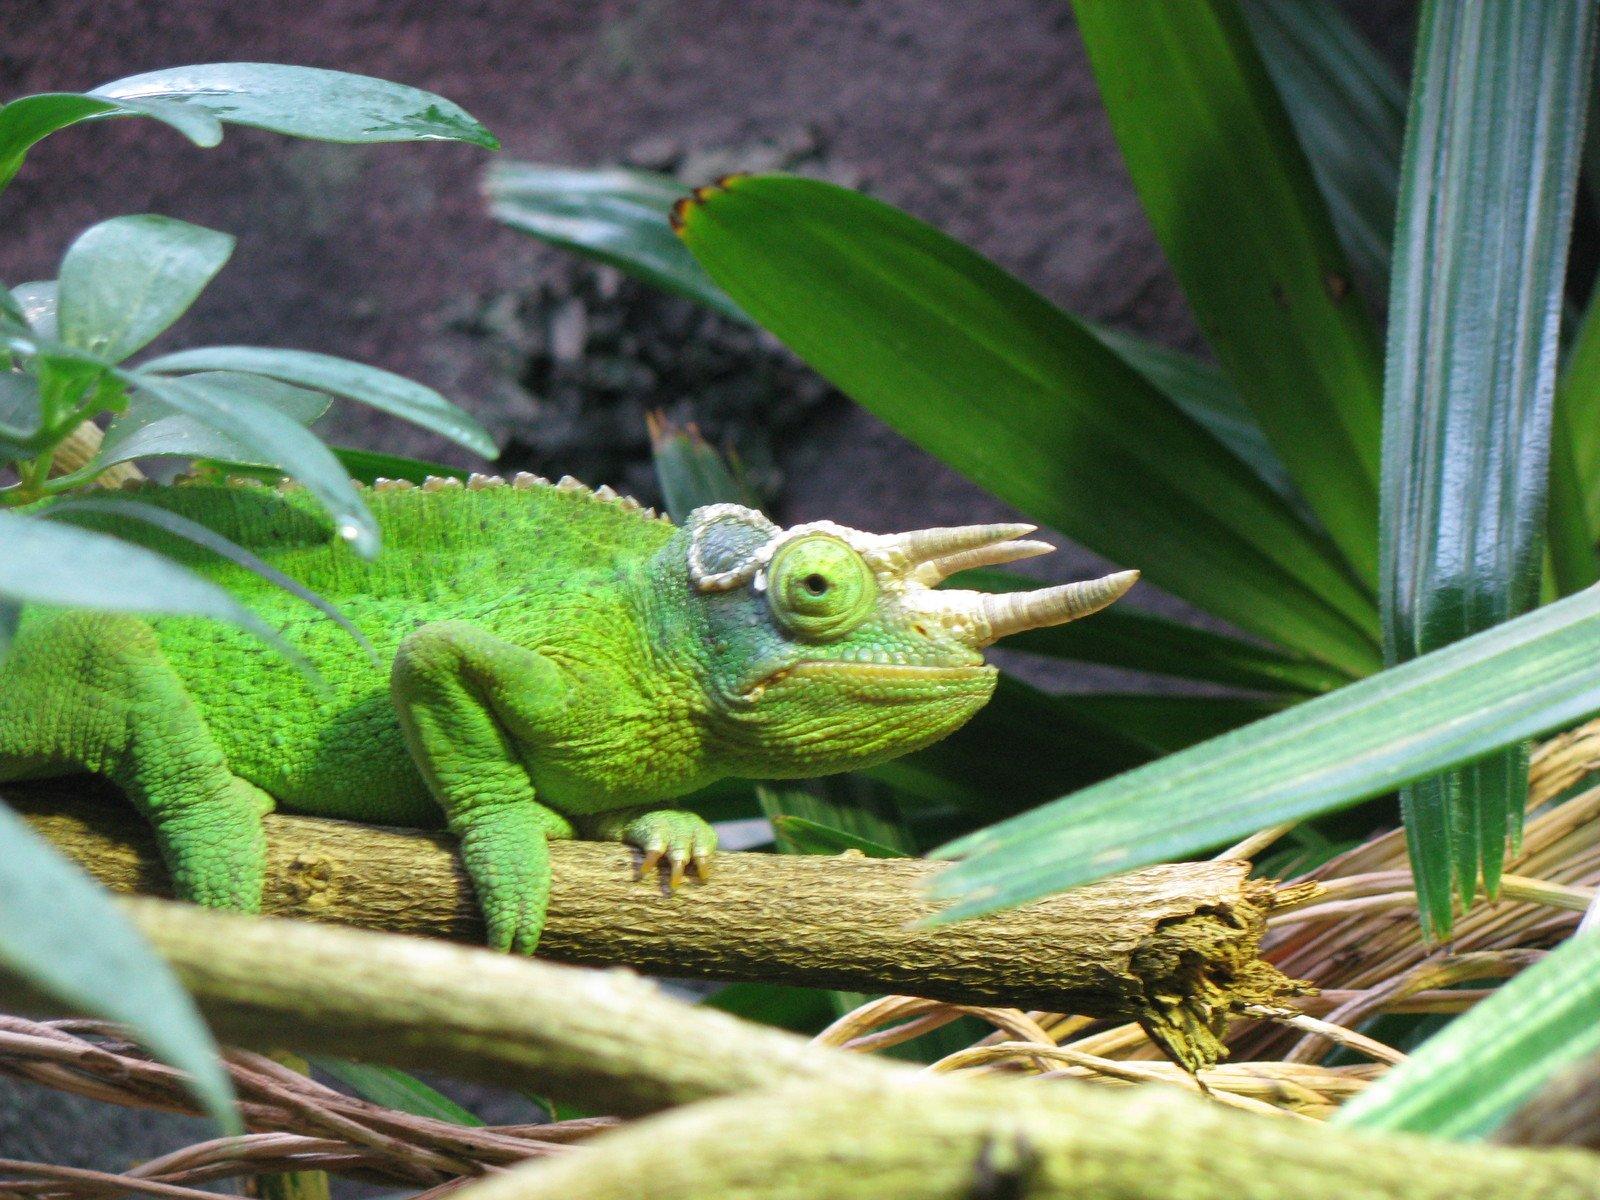 Where Do Chameleons Live